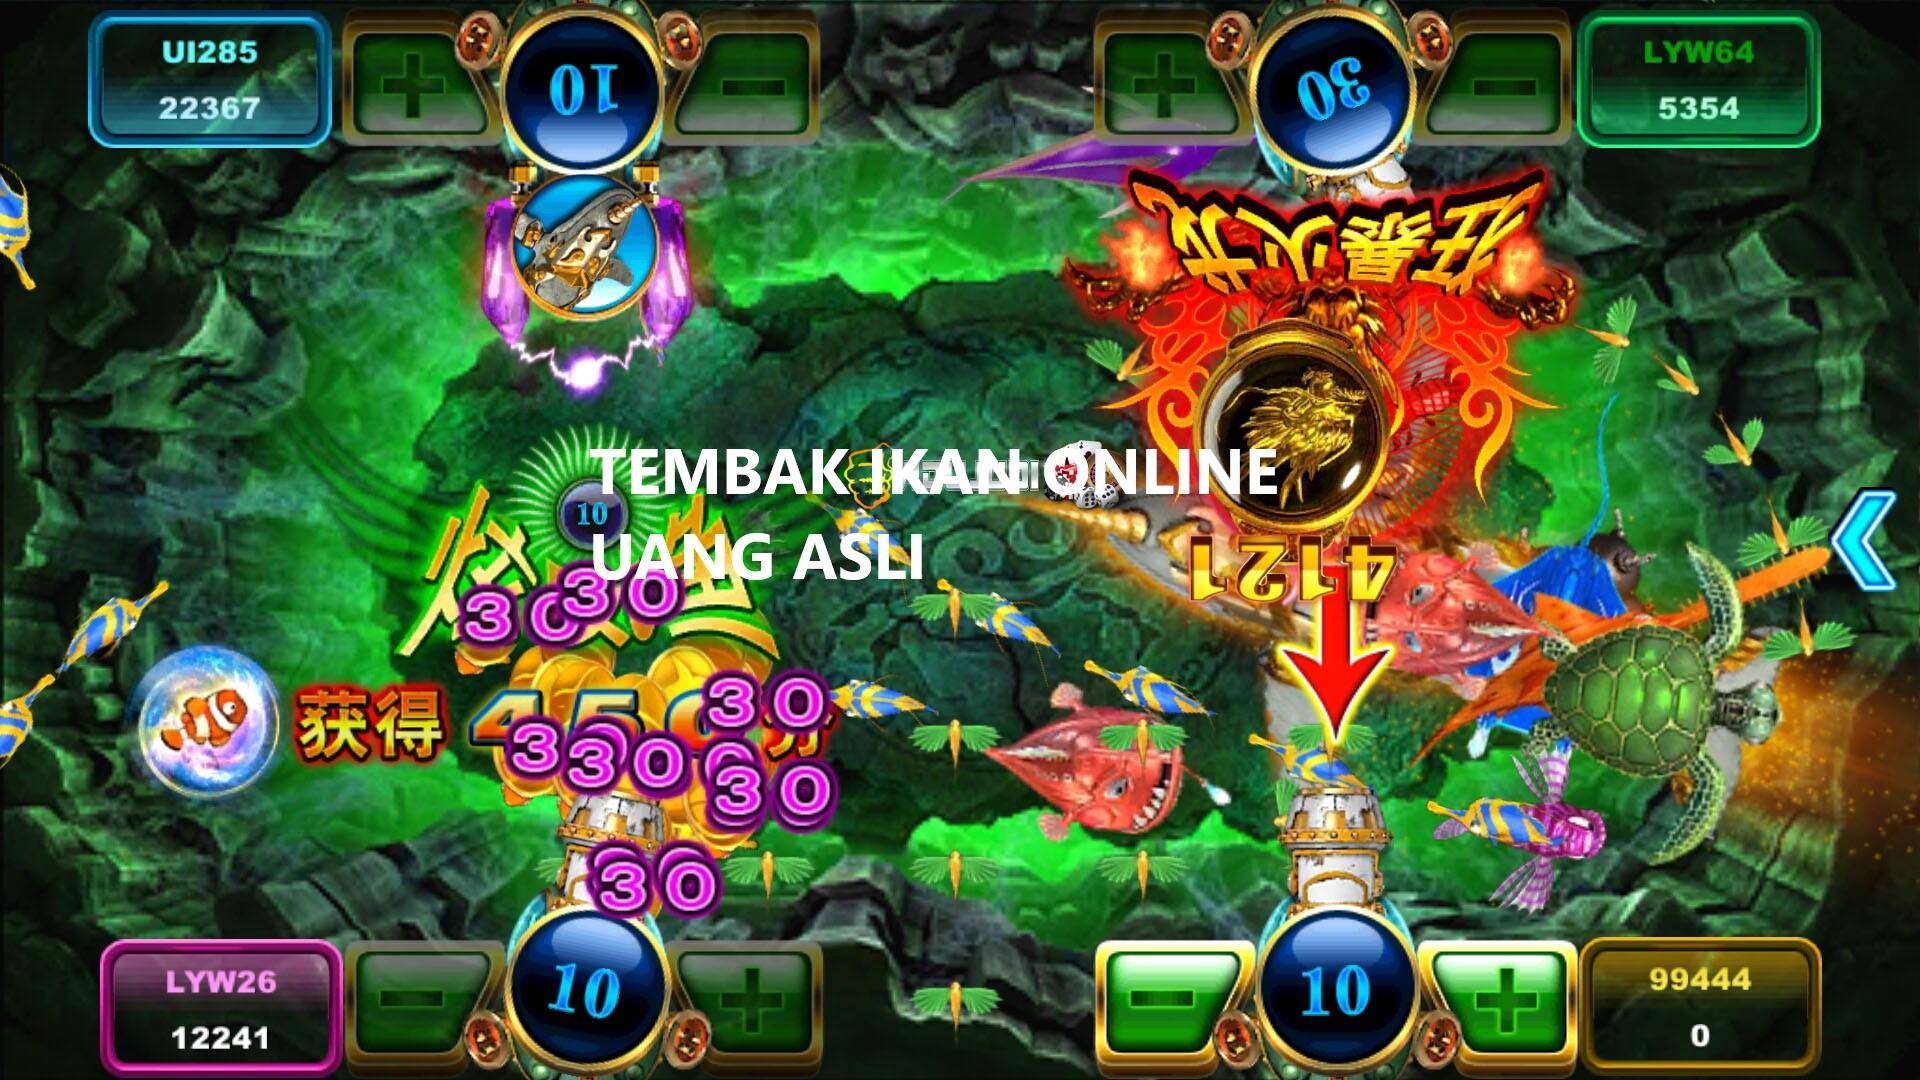 Tembak Ikan Joker123 Online